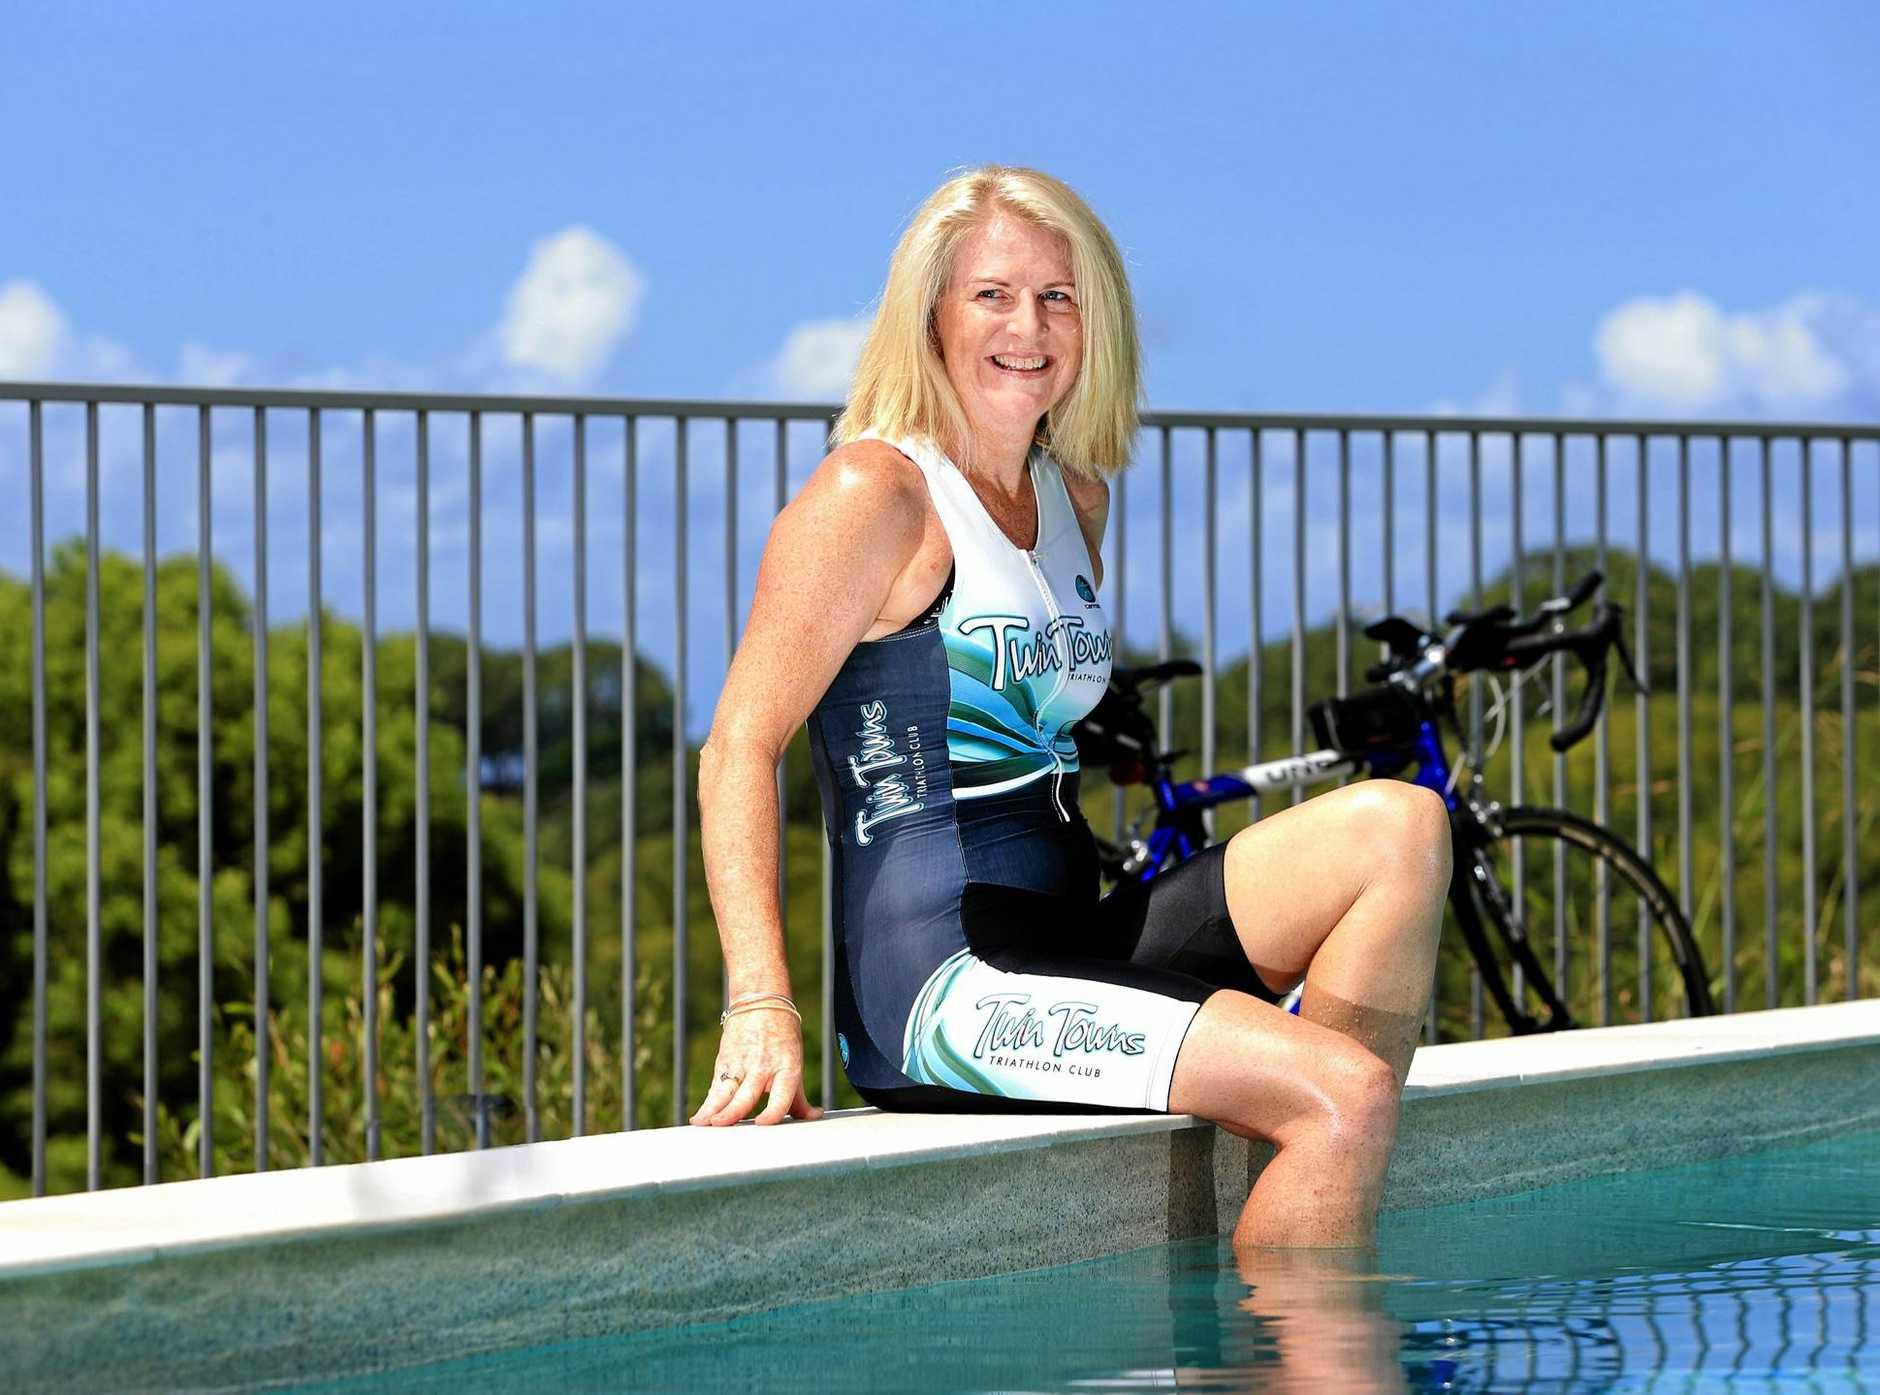 Athlete Ange Reid is back on track after surviving cancer.